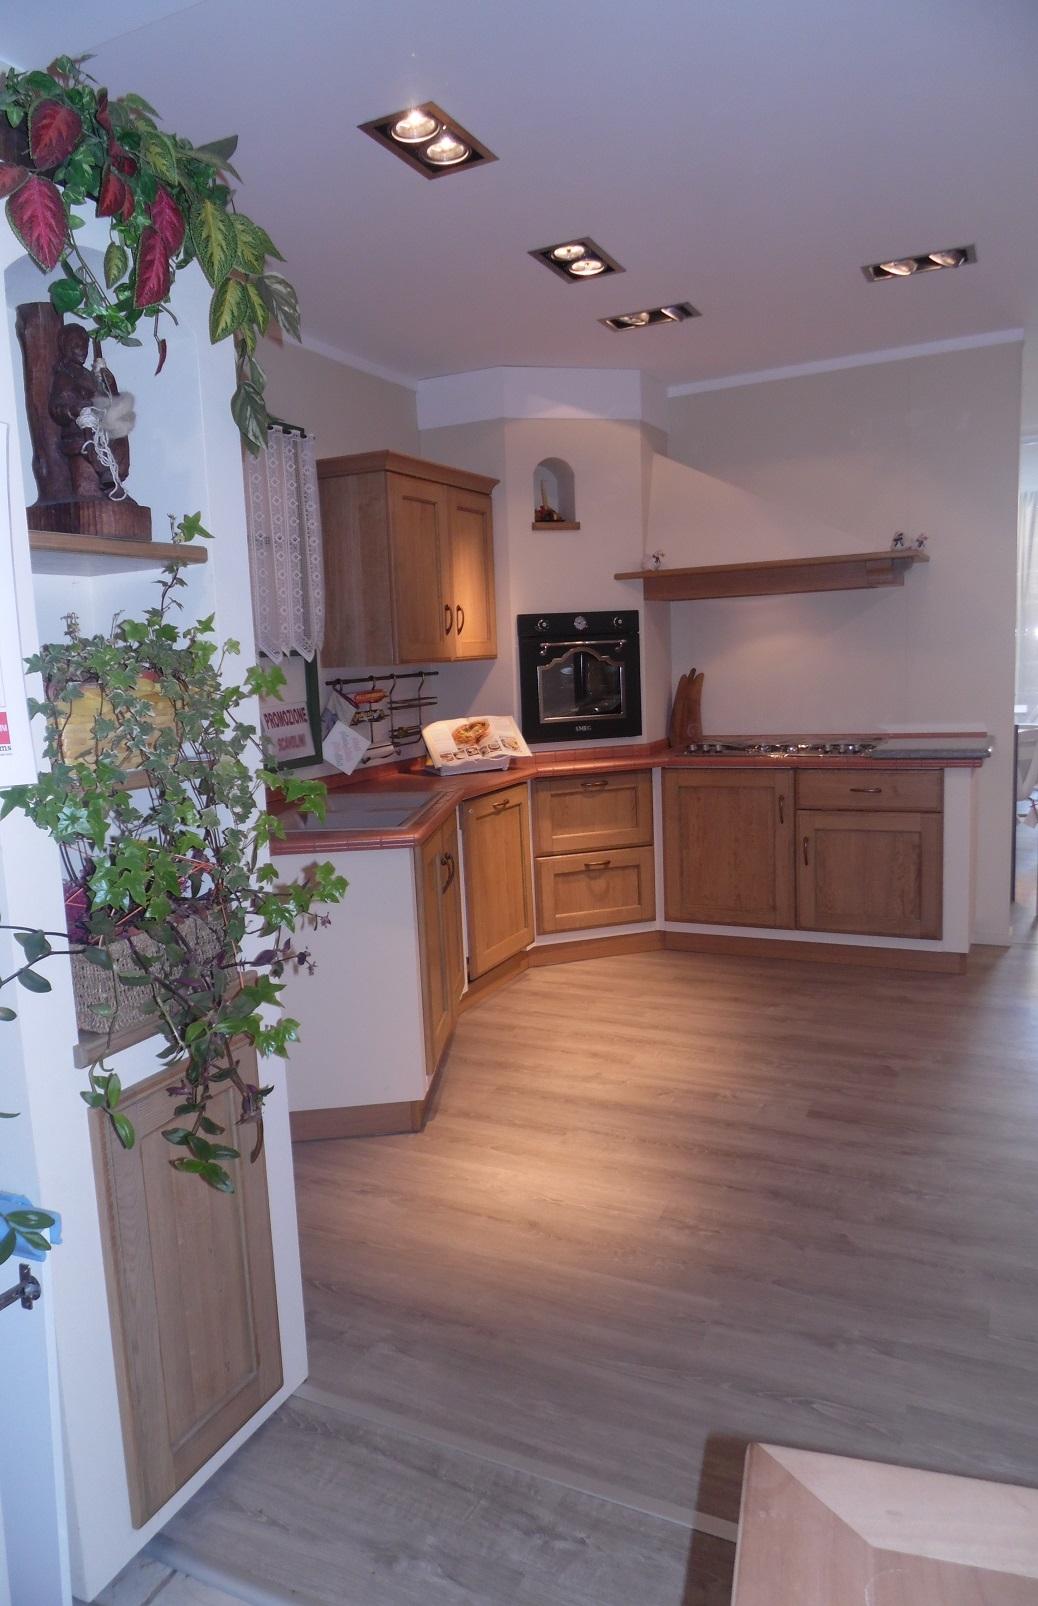 Cucina ad angolo Scavolini Cora scontata del 34% - Cucine a prezzi scontati